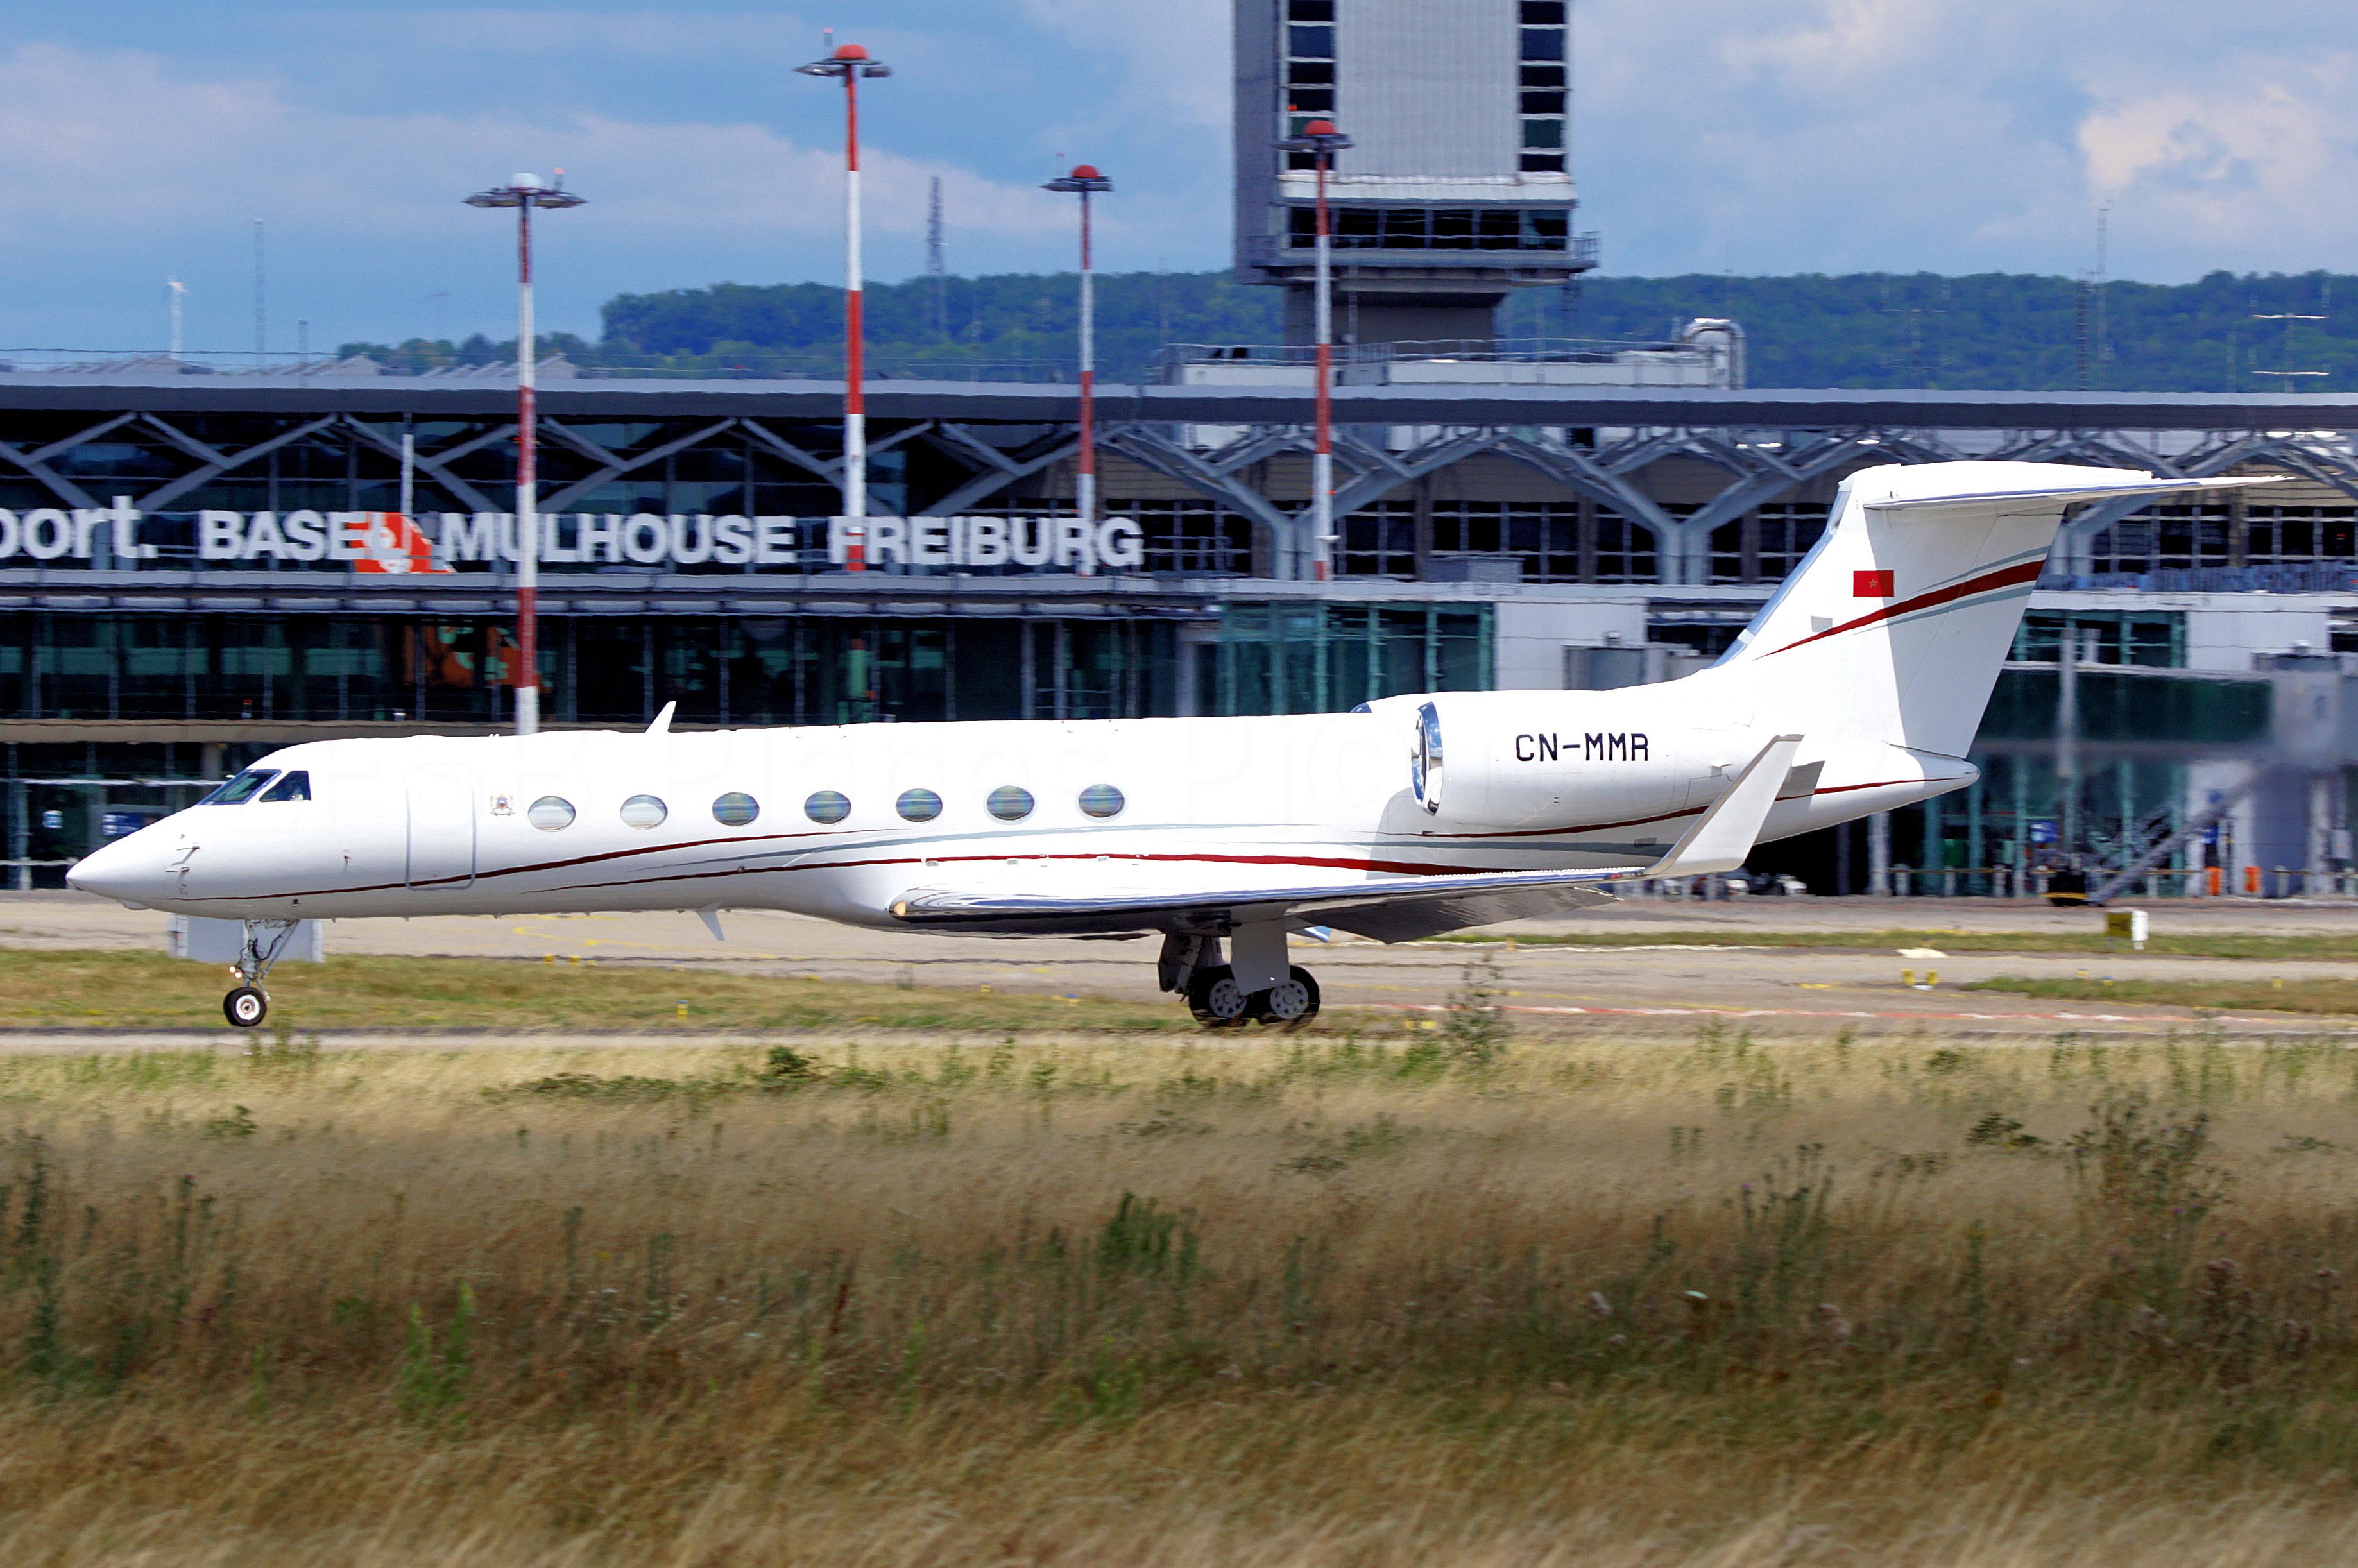 FRA: Avions VIP, Liaison & ECM - Page 24 50101618726_b6ce279ef6_o_d